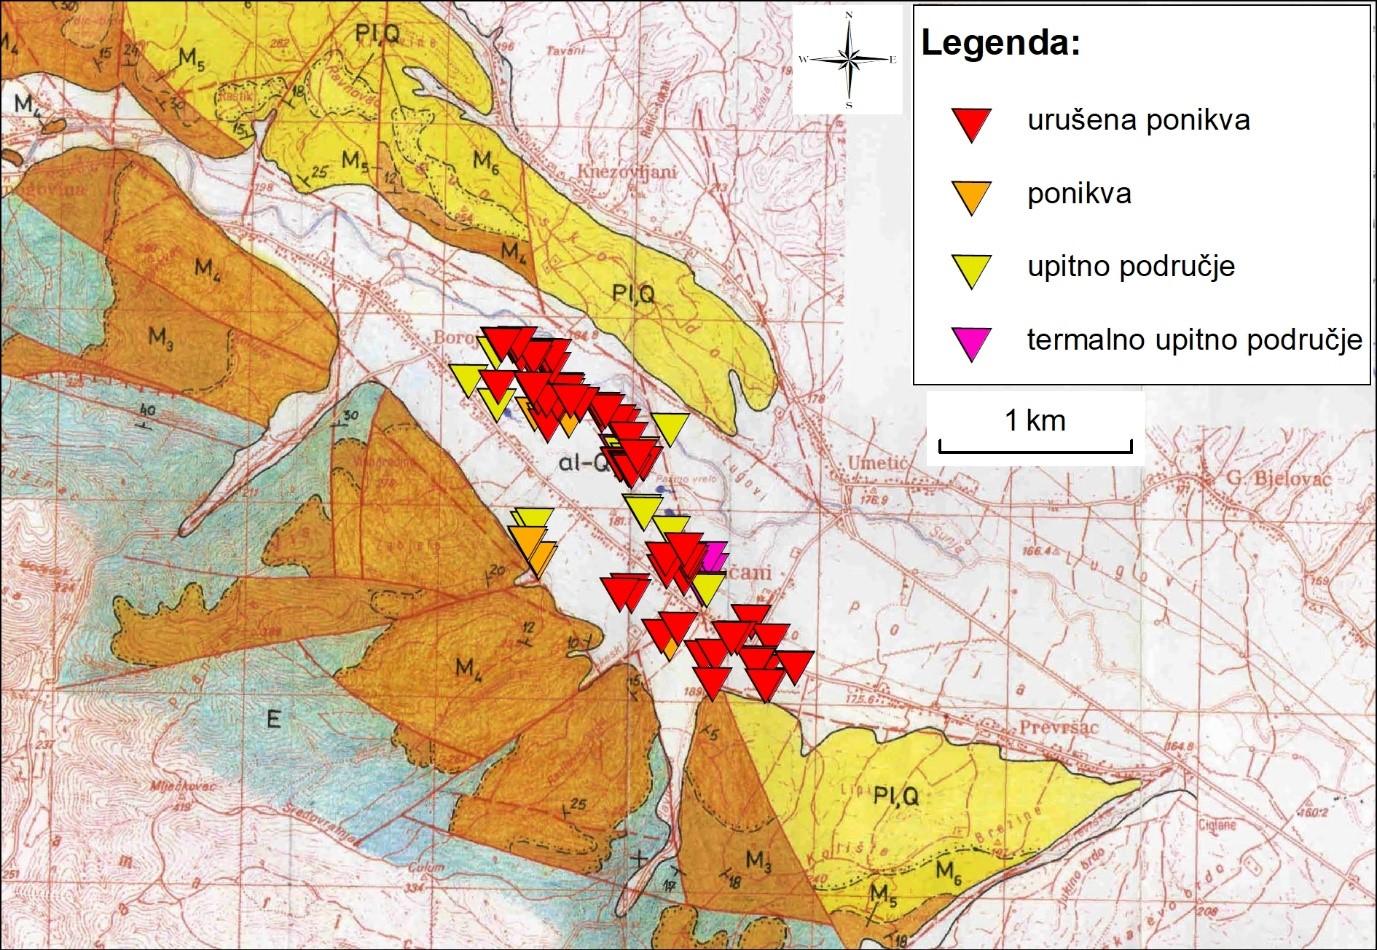 Mohorovičićev diskontinuitet: 1. granica sedimenta, 2. Mohorovičićev diskontinuitet